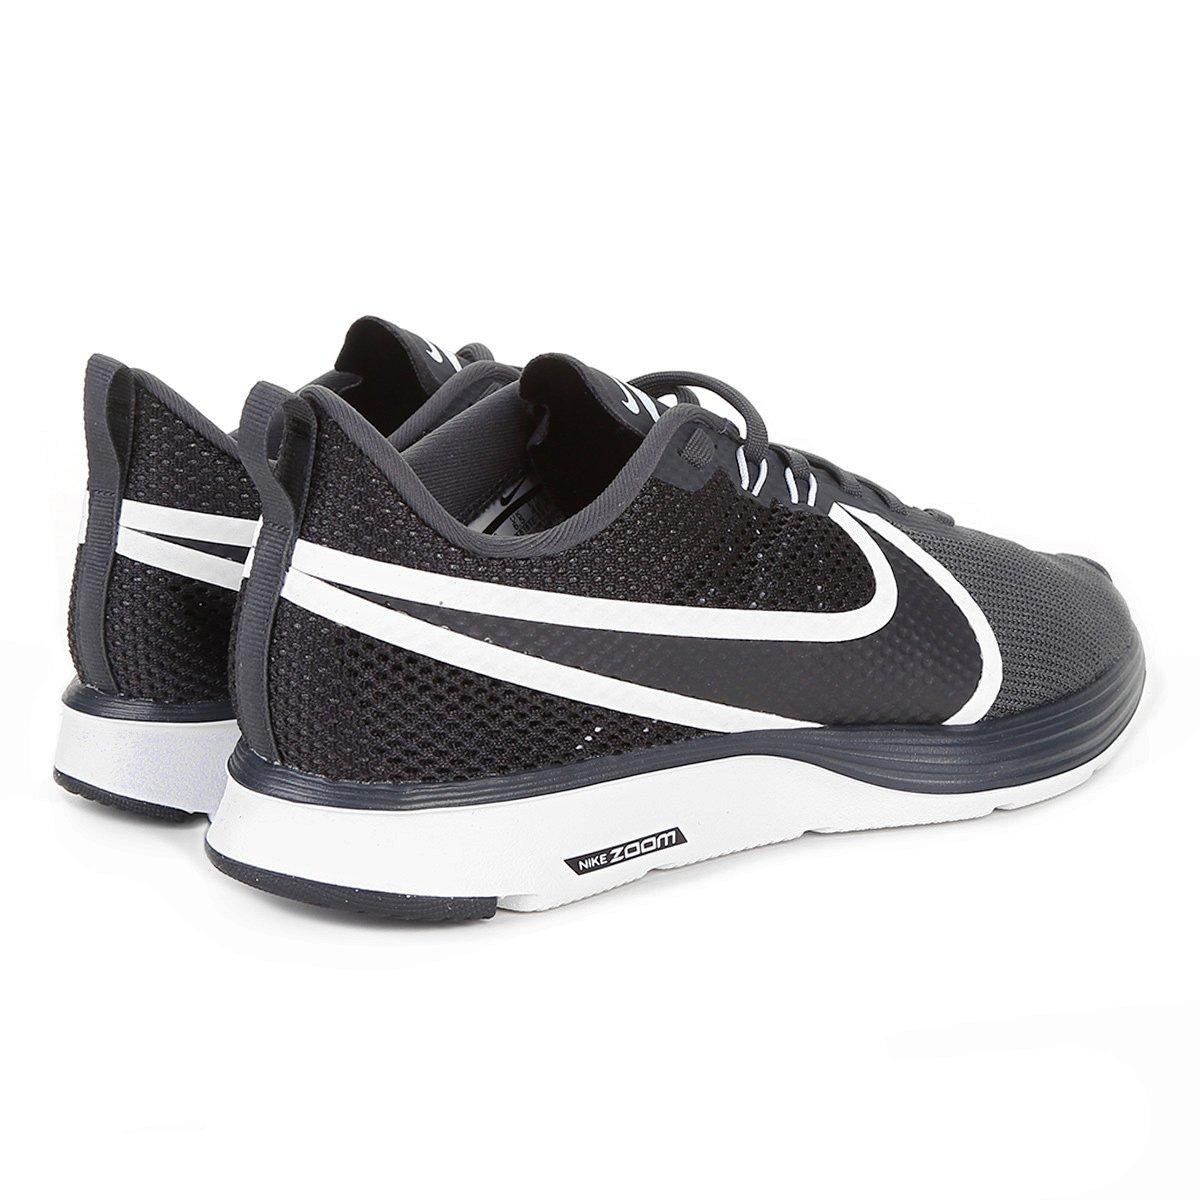 Tênis Nike Zoom Strike 2 Masculino - Preto e Branco - Compre Agora ... 48d3ceb6b42a4